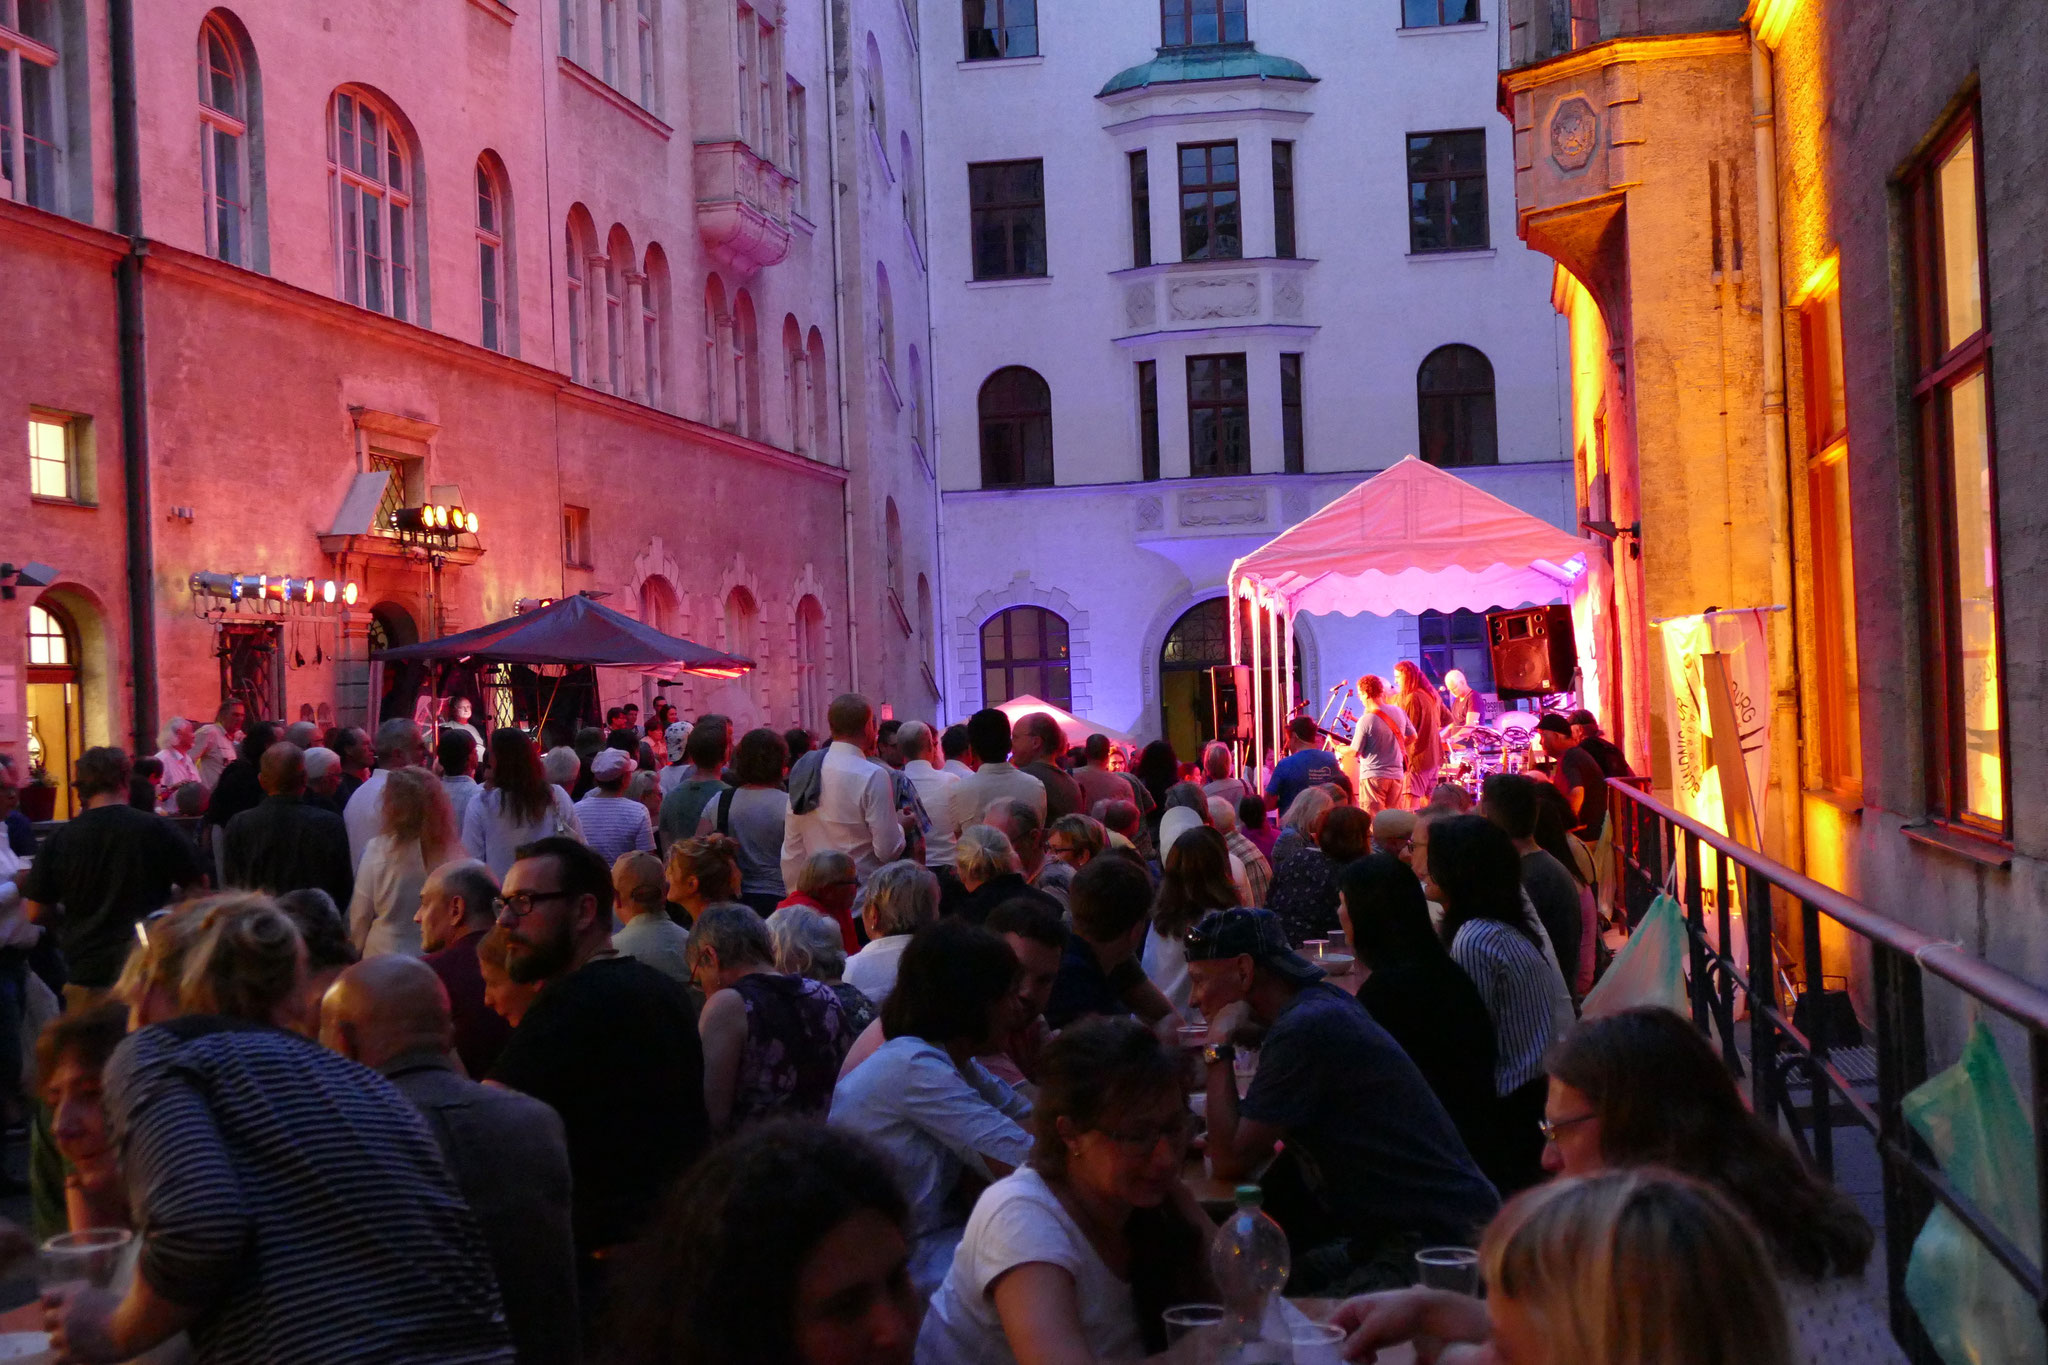 Konzerte im Bürgerhof 07.07.17 - Freiwilligen-Zentrum Augsburg - Foto: Christoph Urban